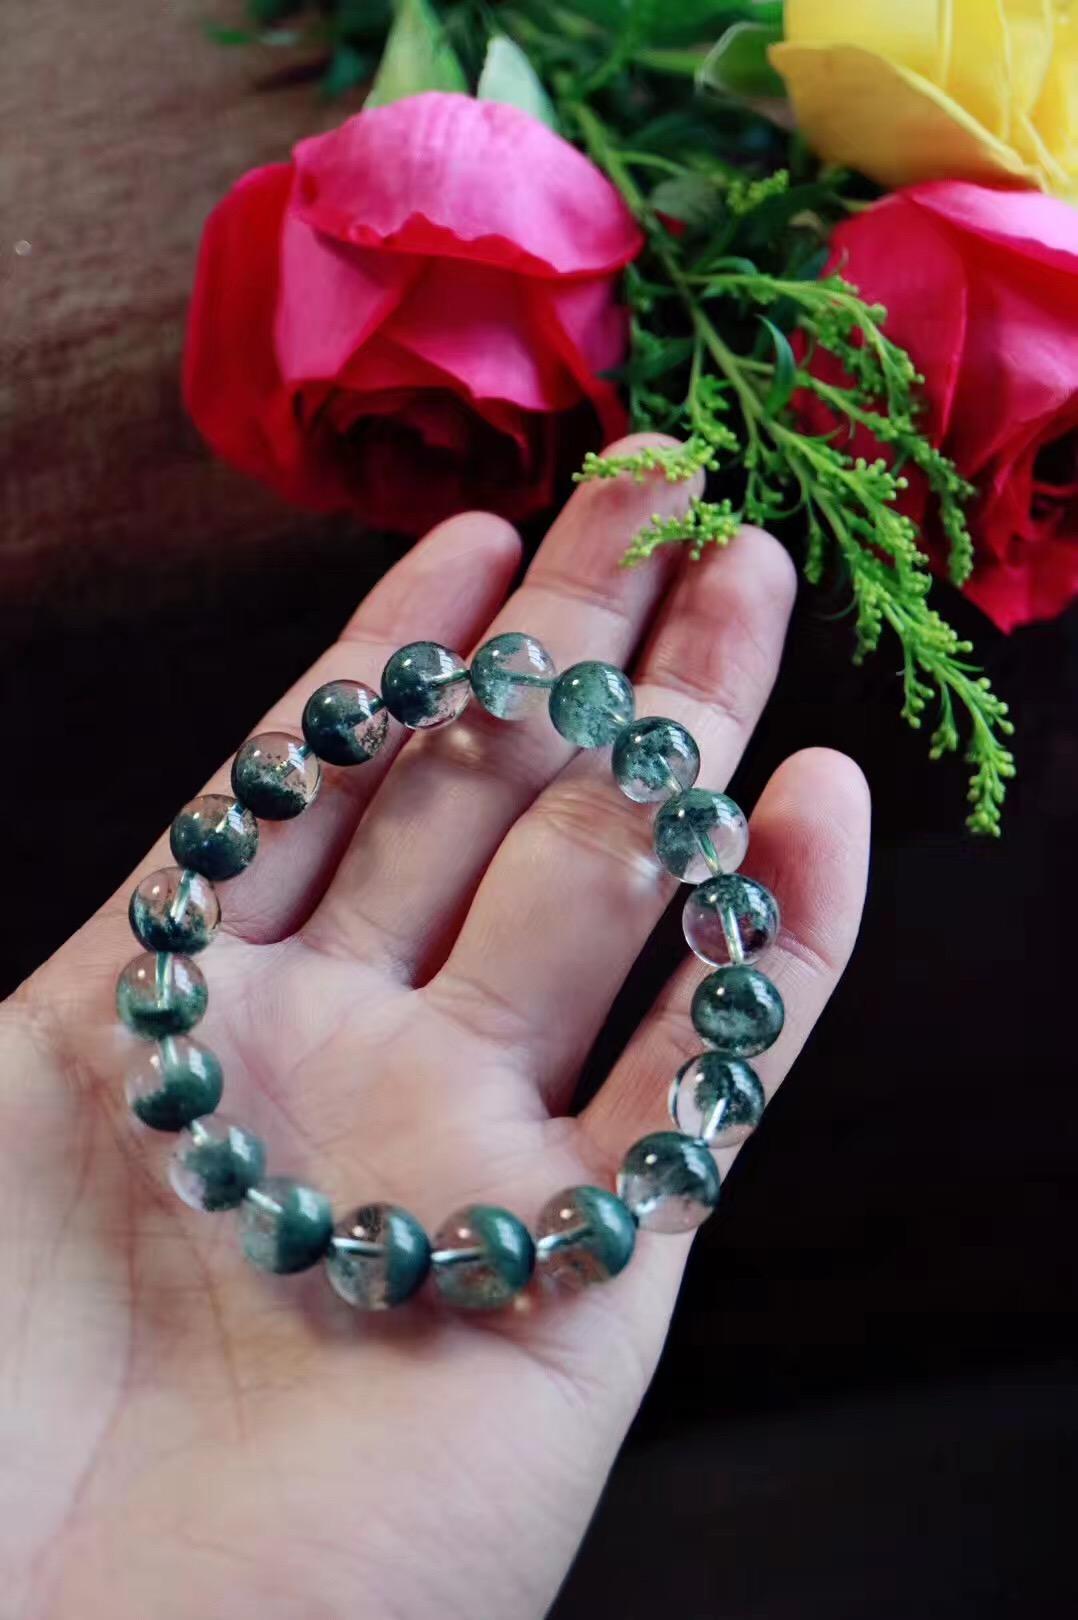 【菩心绿幽灵聚宝盆】代表着大地的能量,对心轮深深的疗愈-菩心晶舍